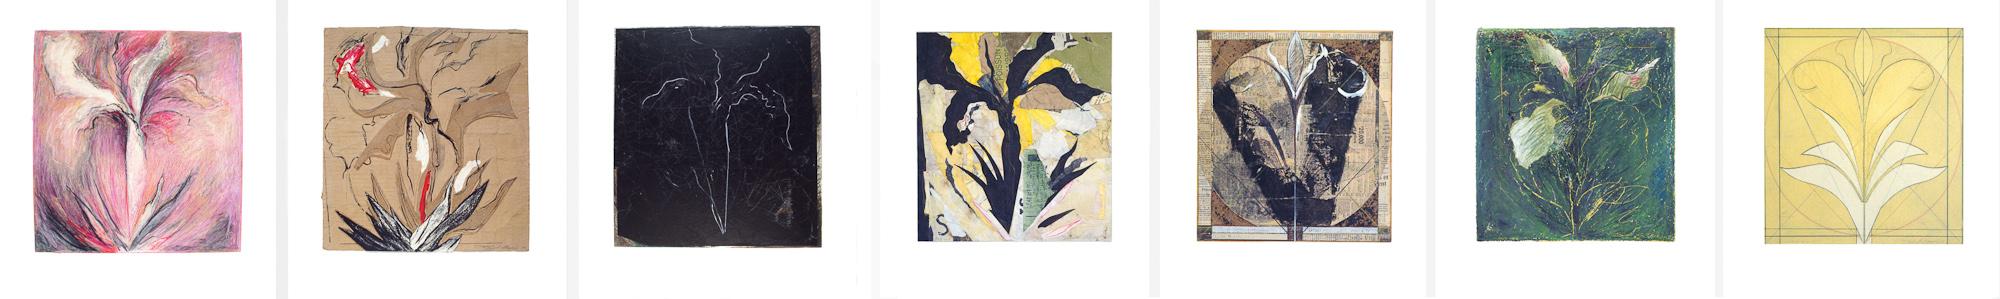 Iris, no 1 à 7, 1992 - 1993. Techniques mixtes sur papier fort, 46 x 287 cm.